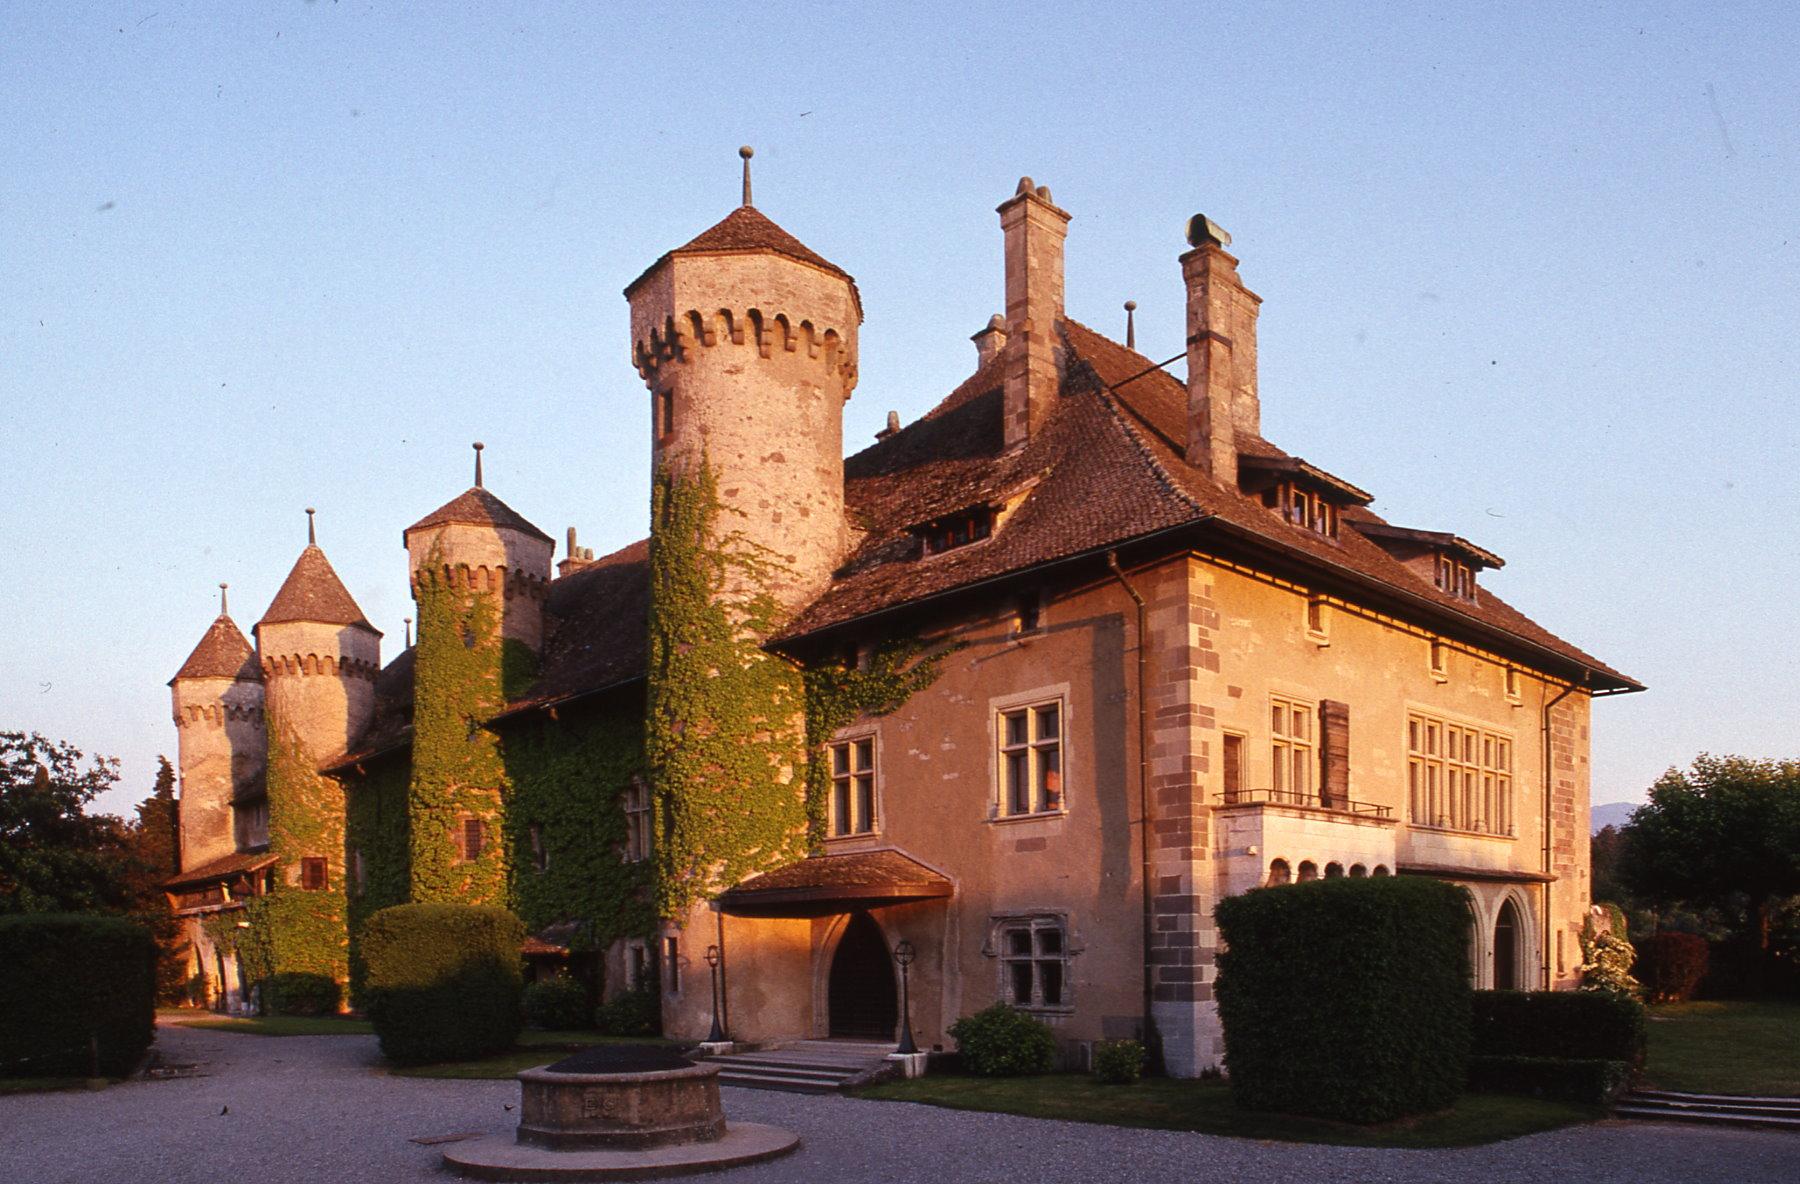 Francia, parte il secondo gratta e vinci per salvare il patrimonio culturale: 121 i siti che ne beneficeranno